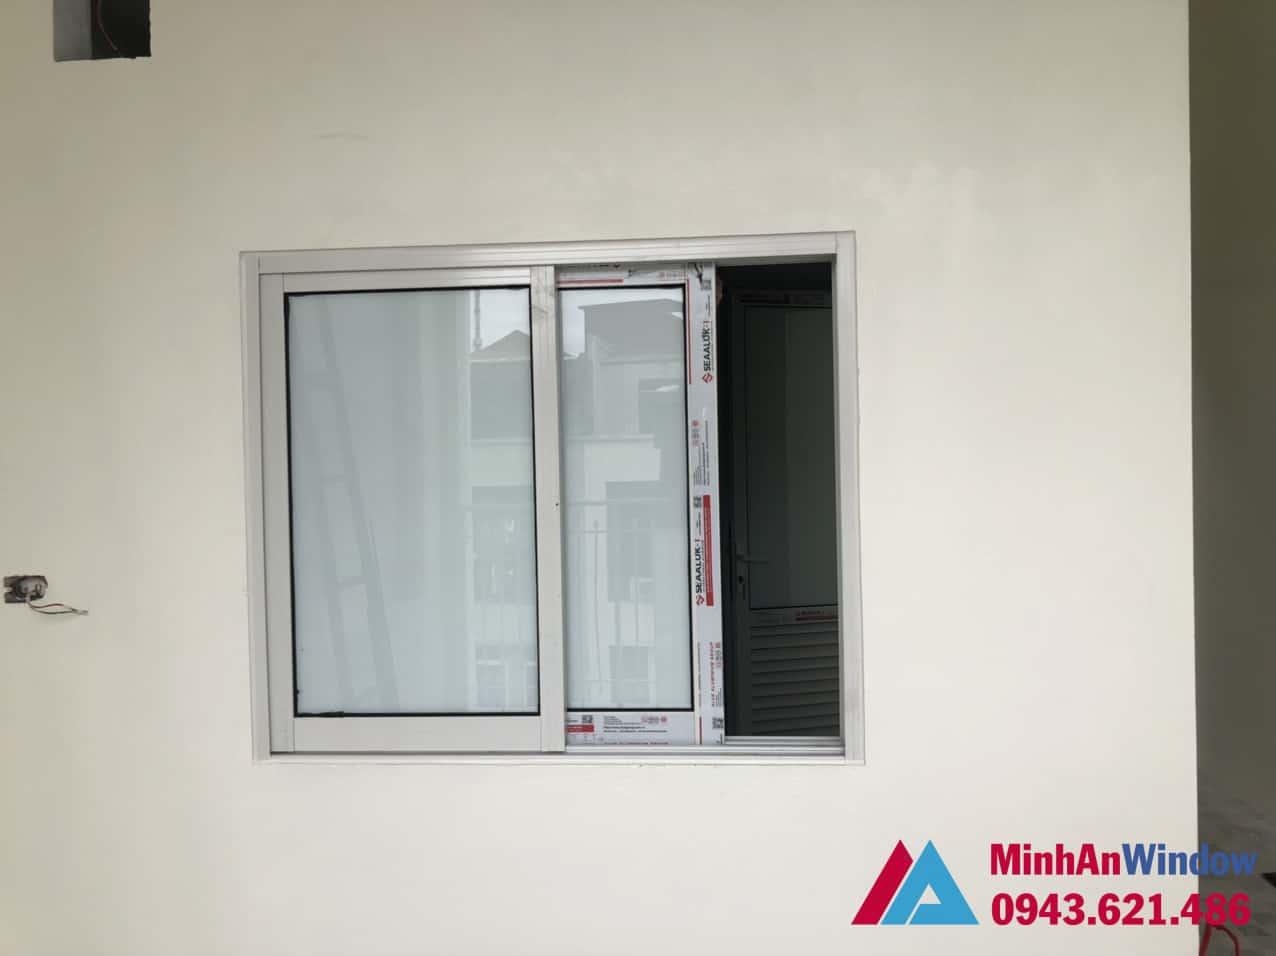 Mẫu cửa sổ nhôm kính Minh An Window lắp đặt tại huyện Mê Linh - Hà Nội